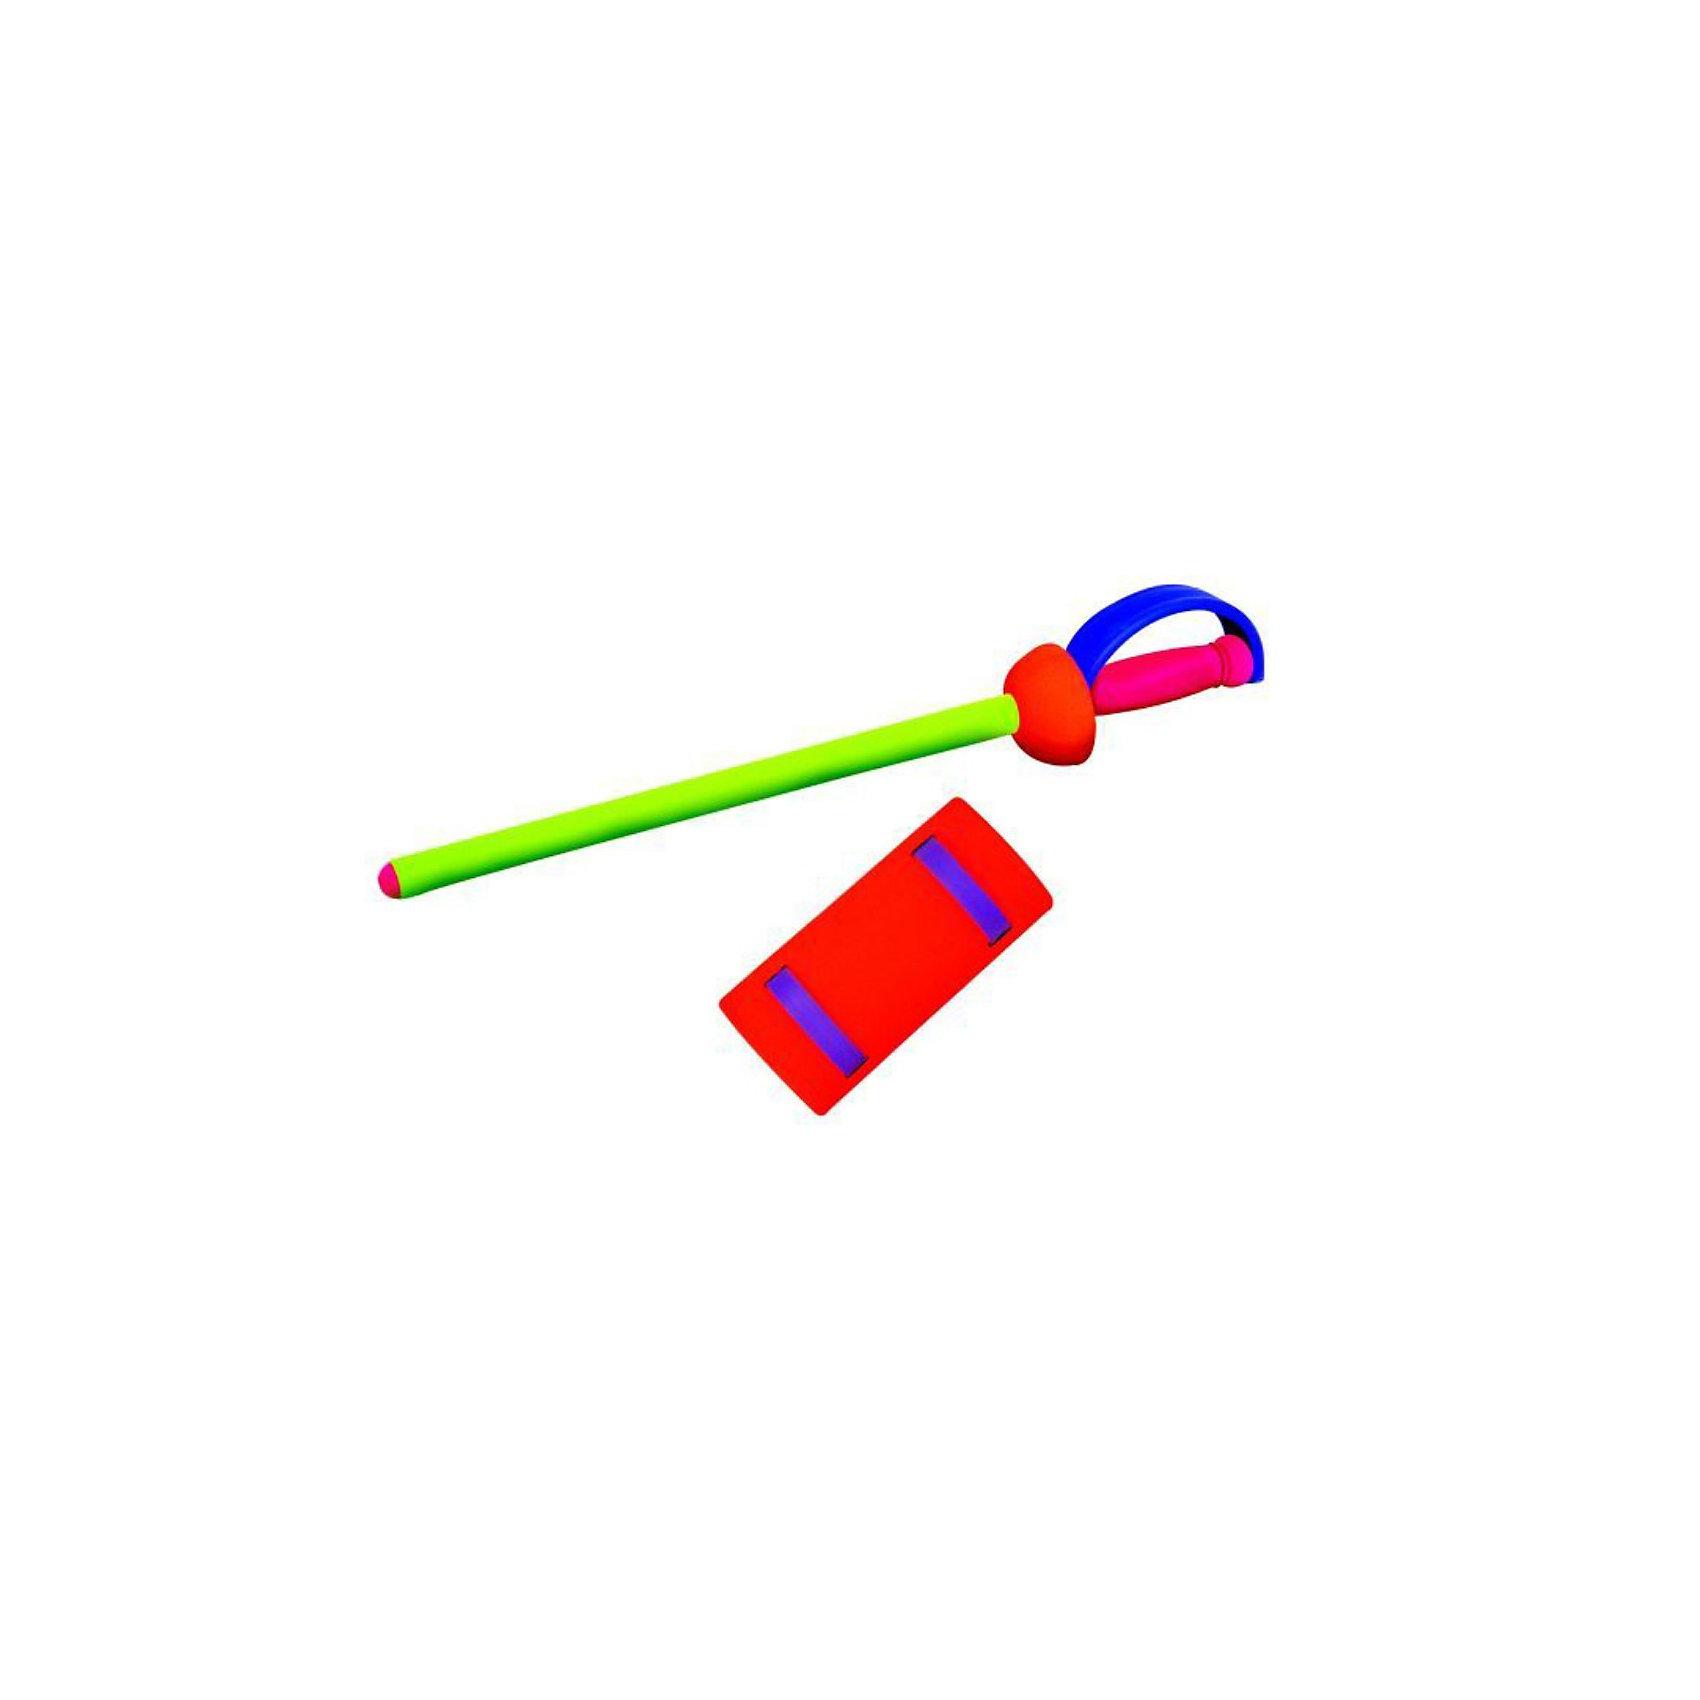 SafSof Игрушка Рыцарский мечСолдатики и рыцари<br>В наборе рыцарский меч 60 см и защита на руку. Упаковано в прозрачный пластиковый чехол, который можно носить на плече.<br>Меч изготовлен из вспененной резины<br><br>Ширина мм: 278<br>Глубина мм: 355<br>Высота мм: 640<br>Вес г: 64<br>Возраст от месяцев: 36<br>Возраст до месяцев: 1188<br>Пол: Мужской<br>Возраст: Детский<br>SKU: 2251828